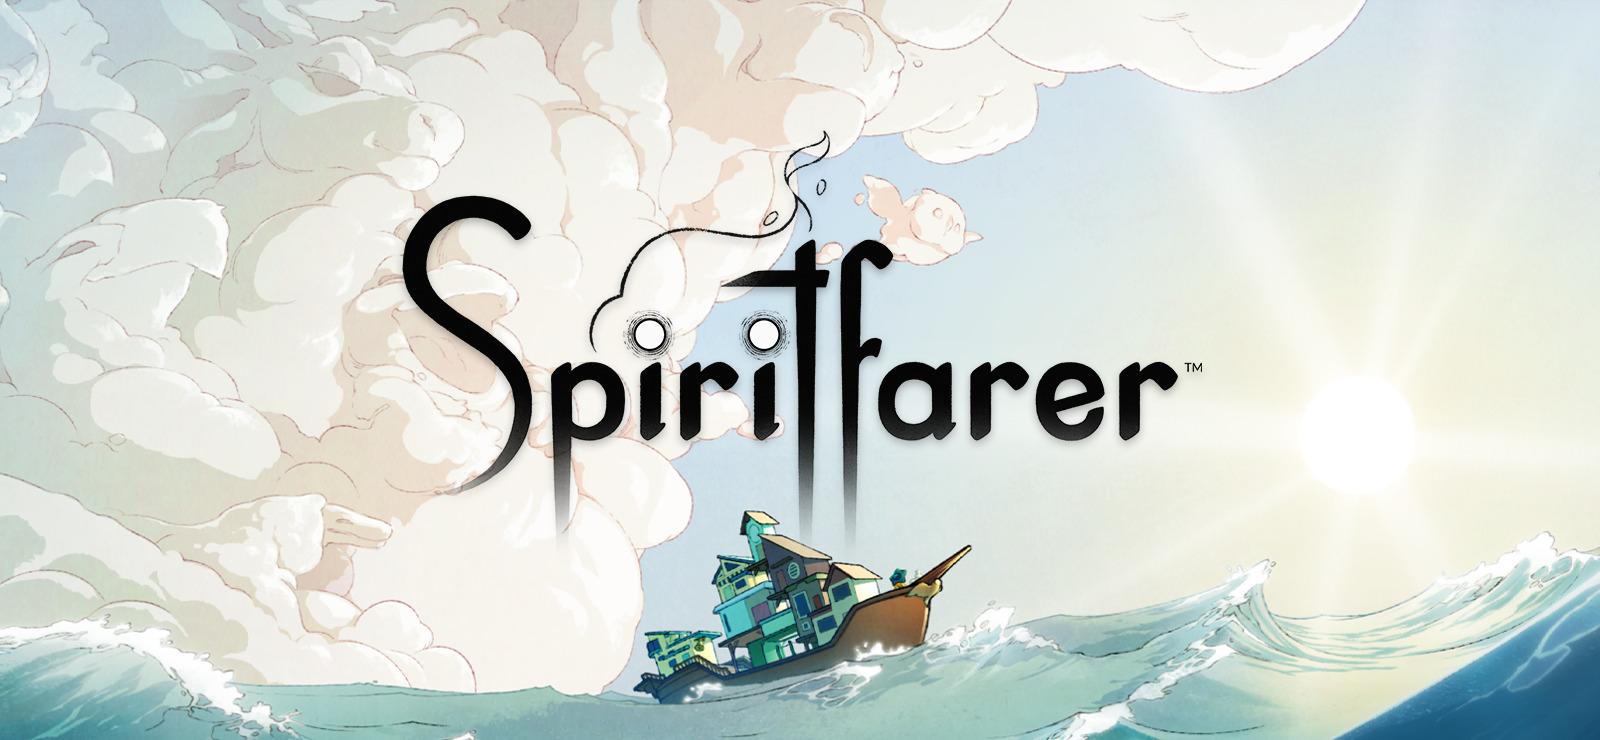 Spiritfarer-GOG